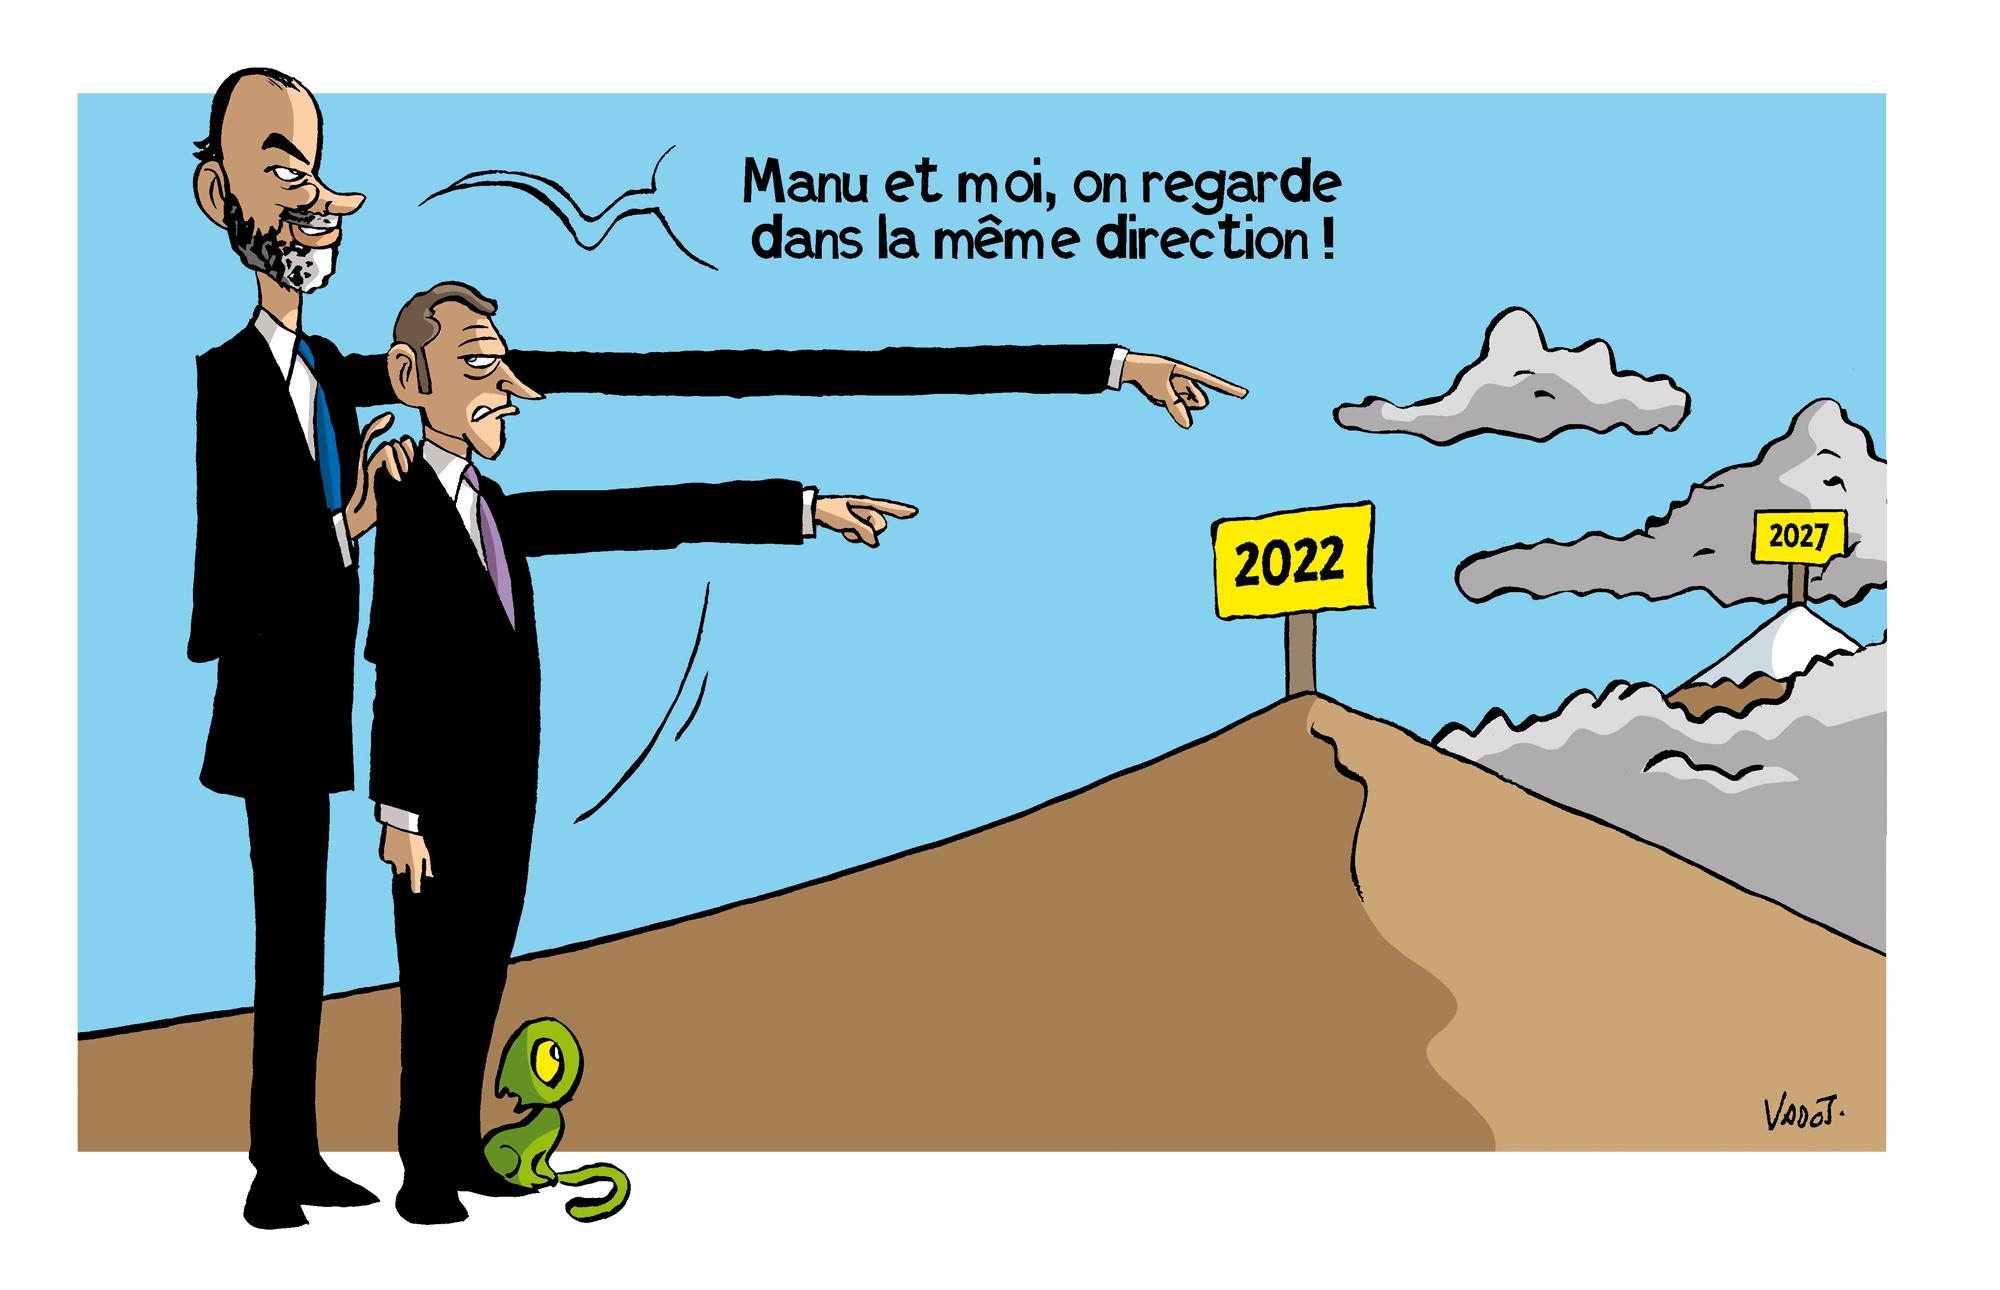 Edouard Philippe soutiendra Emmanuel Macron pour l'élection présidentielle de 2022, en visant peut-être un peu plus loin..., Vadot